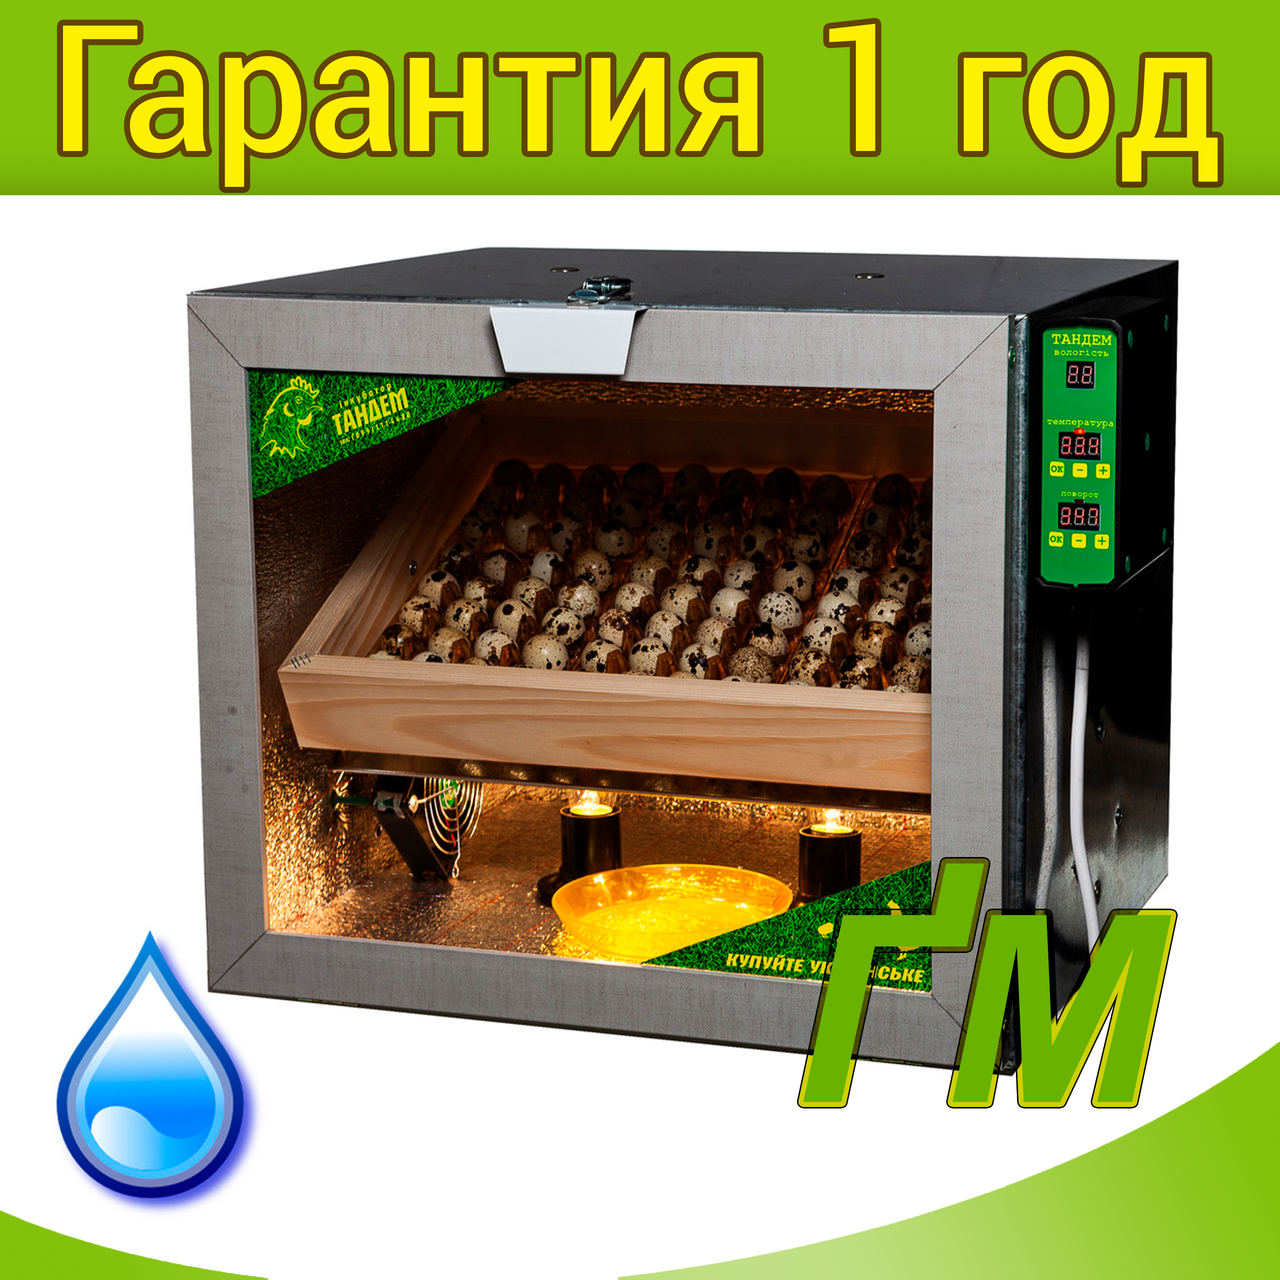 Инкубатор Тандем-60 с регулировкой влажности